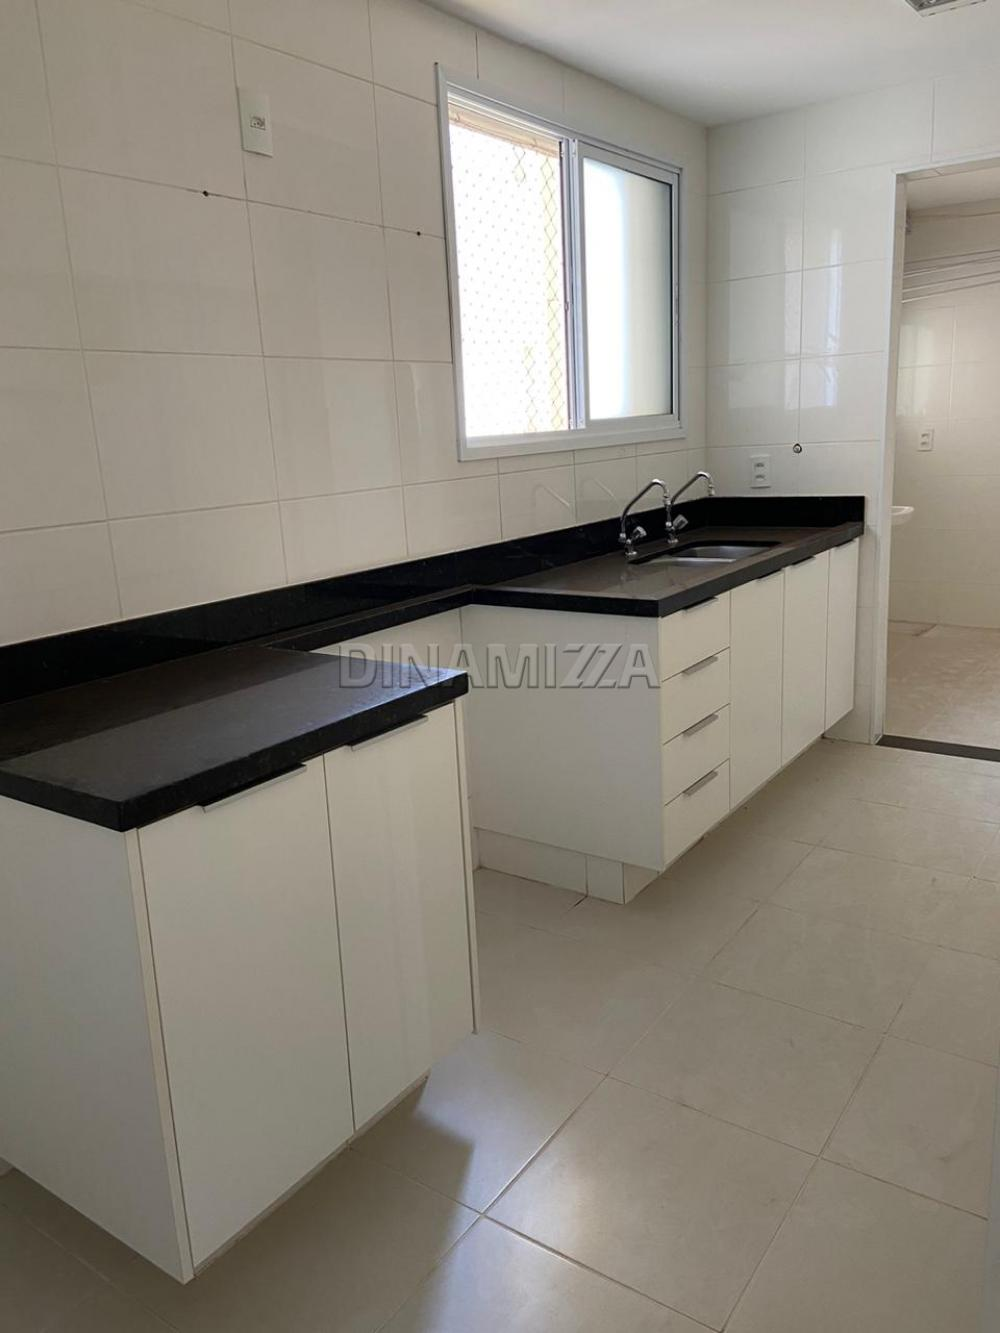 Alugar Apartamento / Padrão em Uberaba apenas R$ 2.700,00 - Foto 10